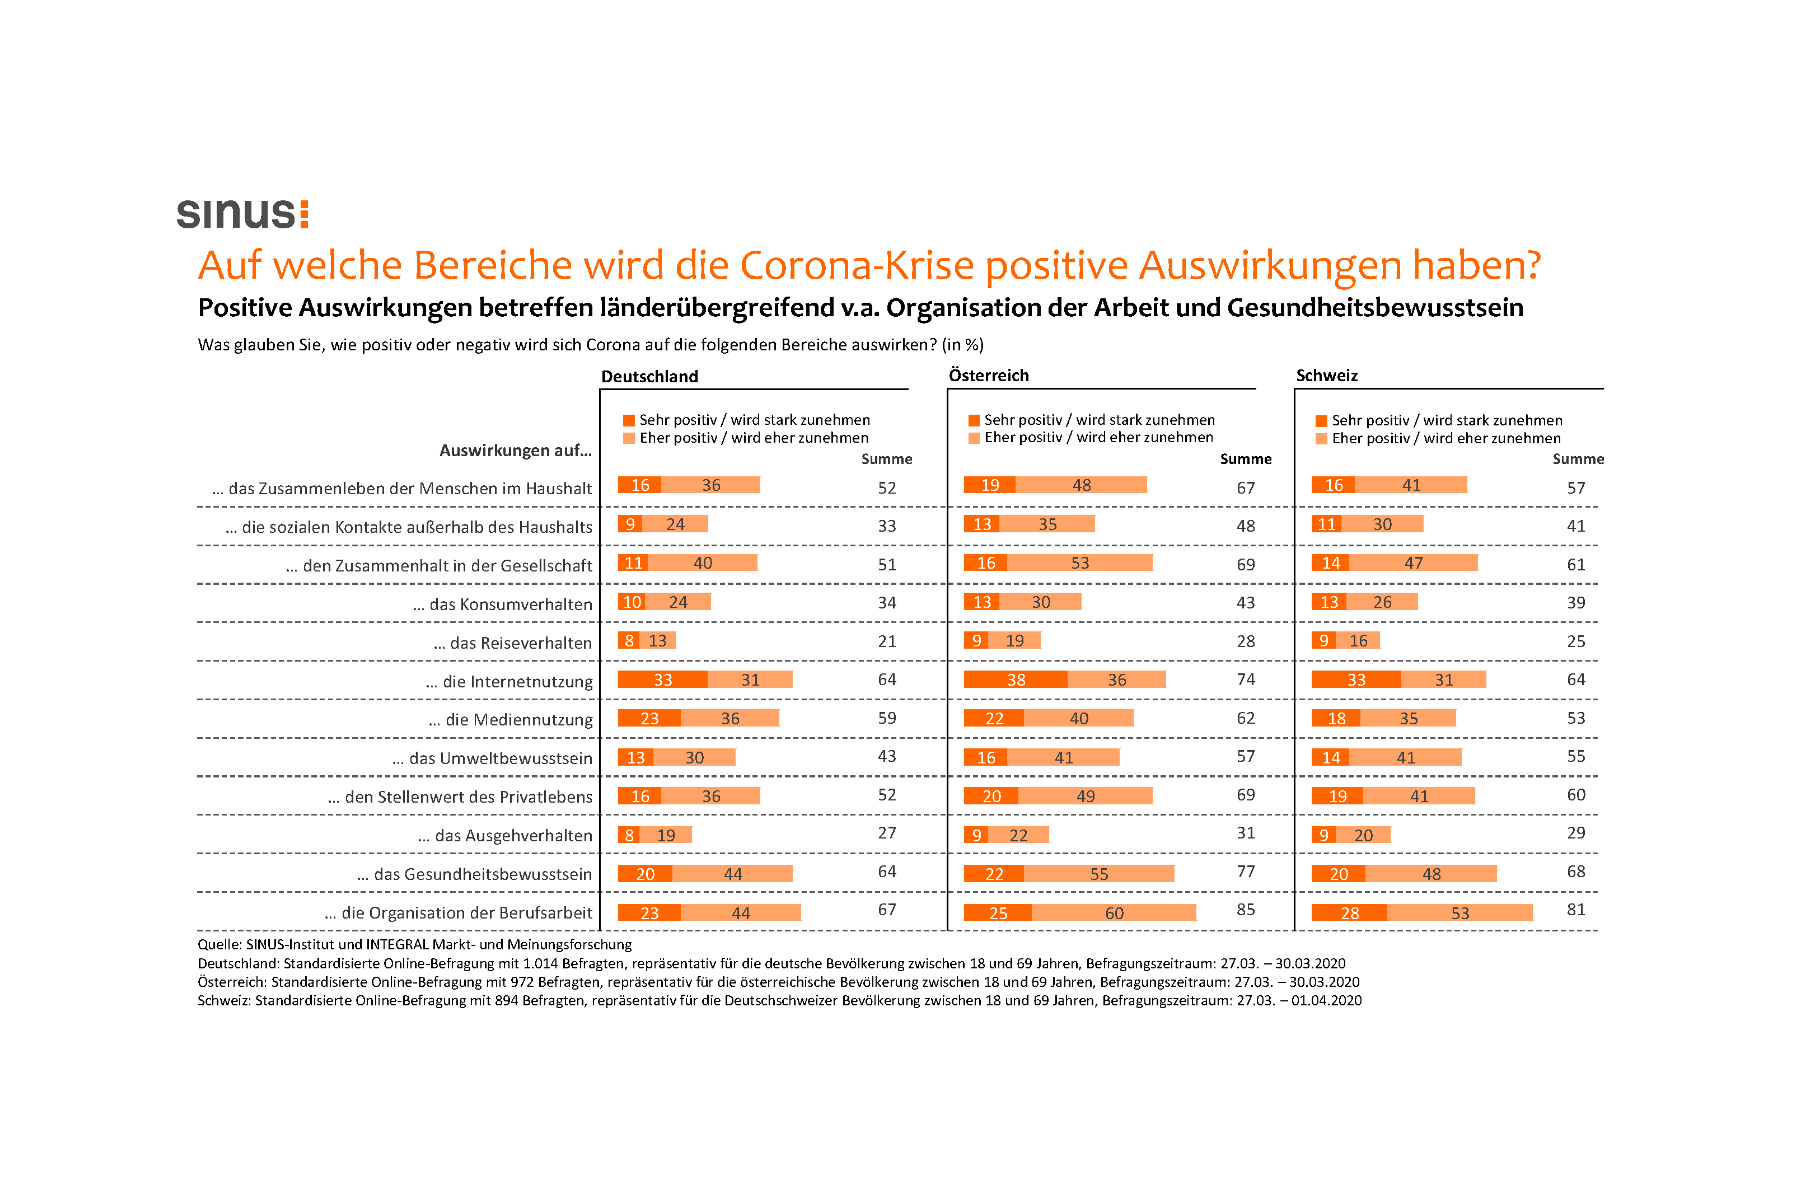 Corona-Umfrage: Große Sorgen in Deutschland, Österreich und Schweiz